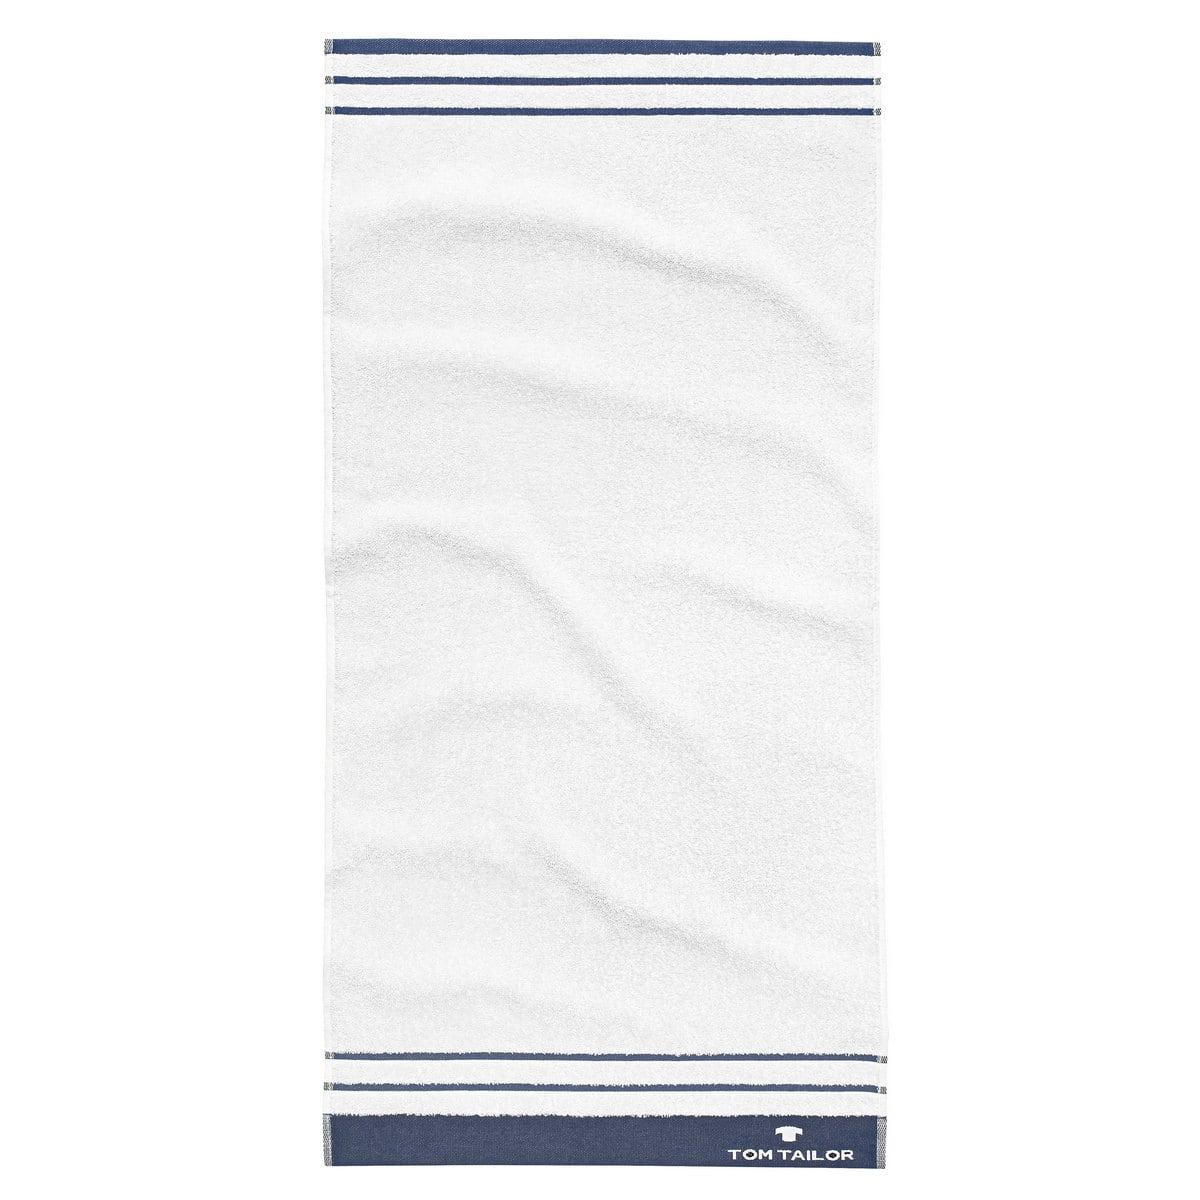 Πετσέτα 100 607 900 White – Blue Tom Tailor Σώματος 70x140cm